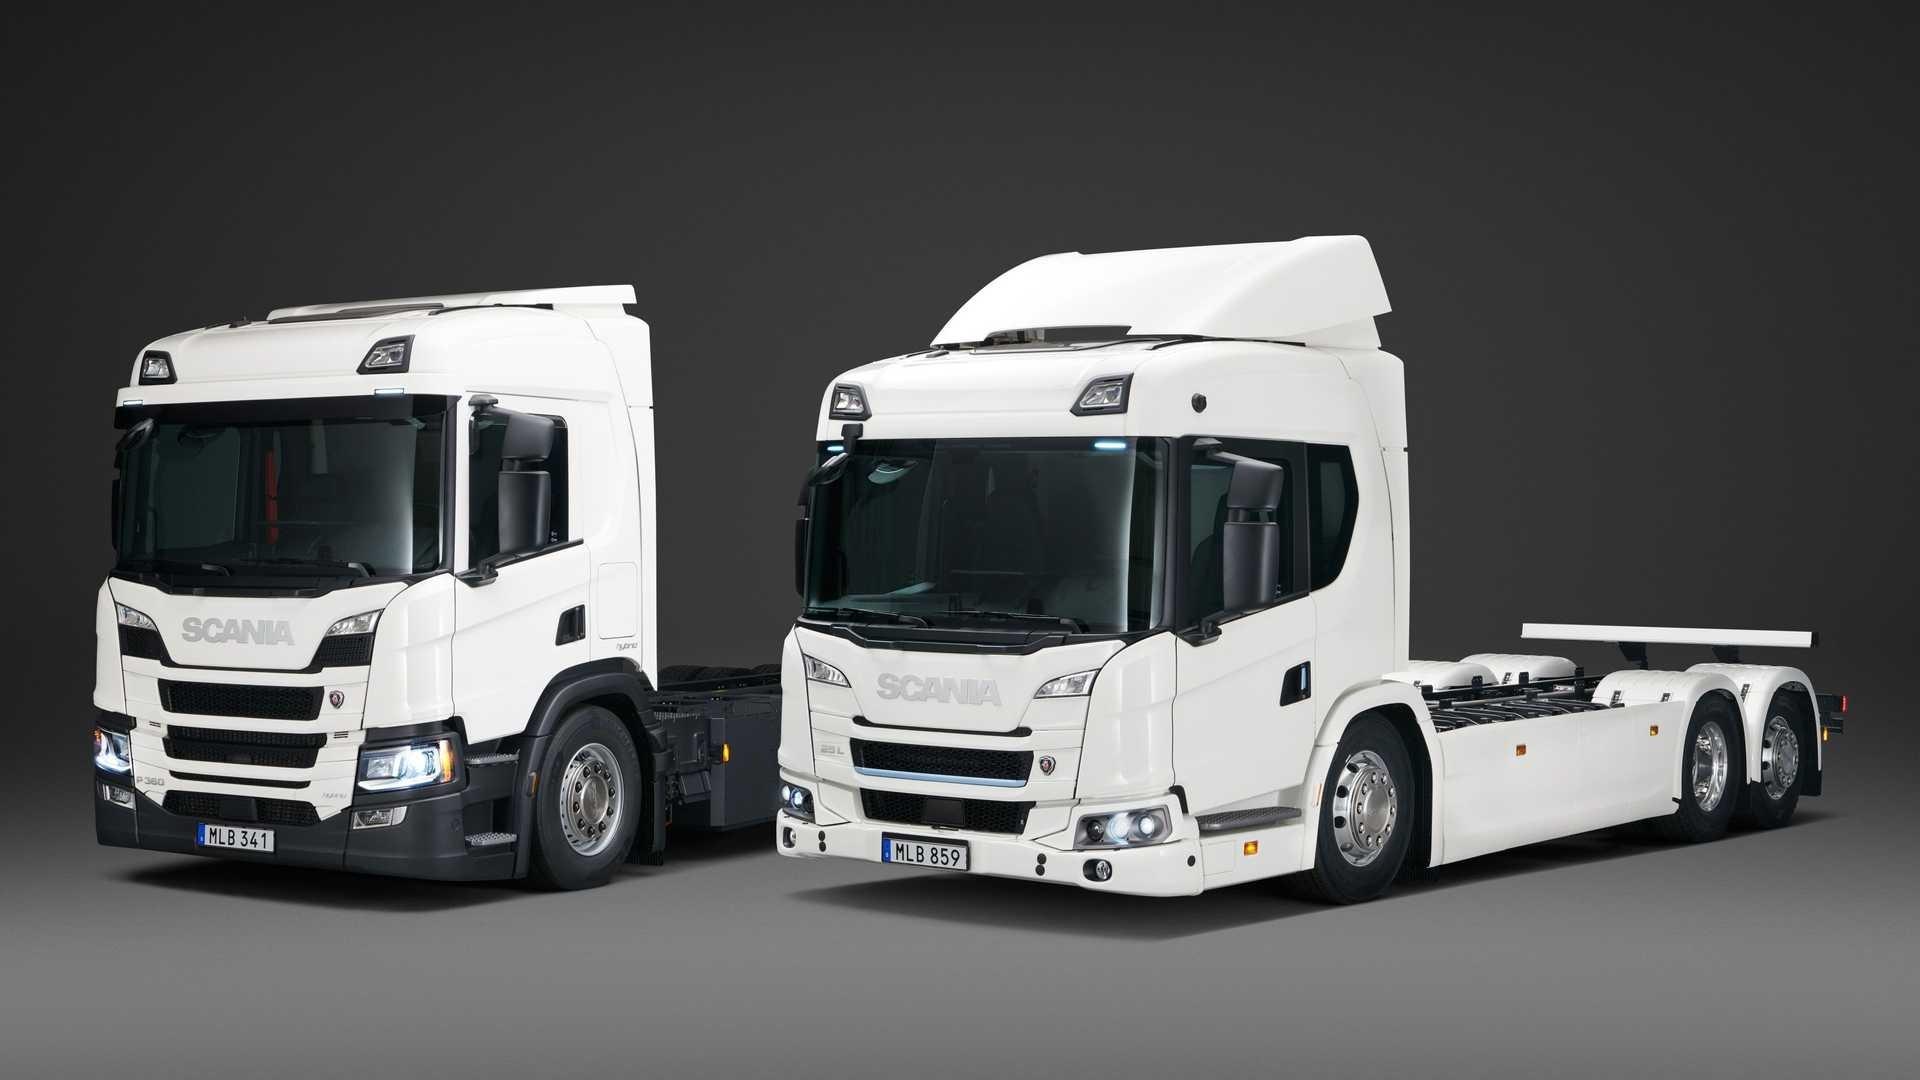 un-mare-producator-european-de-camioane-a-lansat-primele-sale-modele-electrice